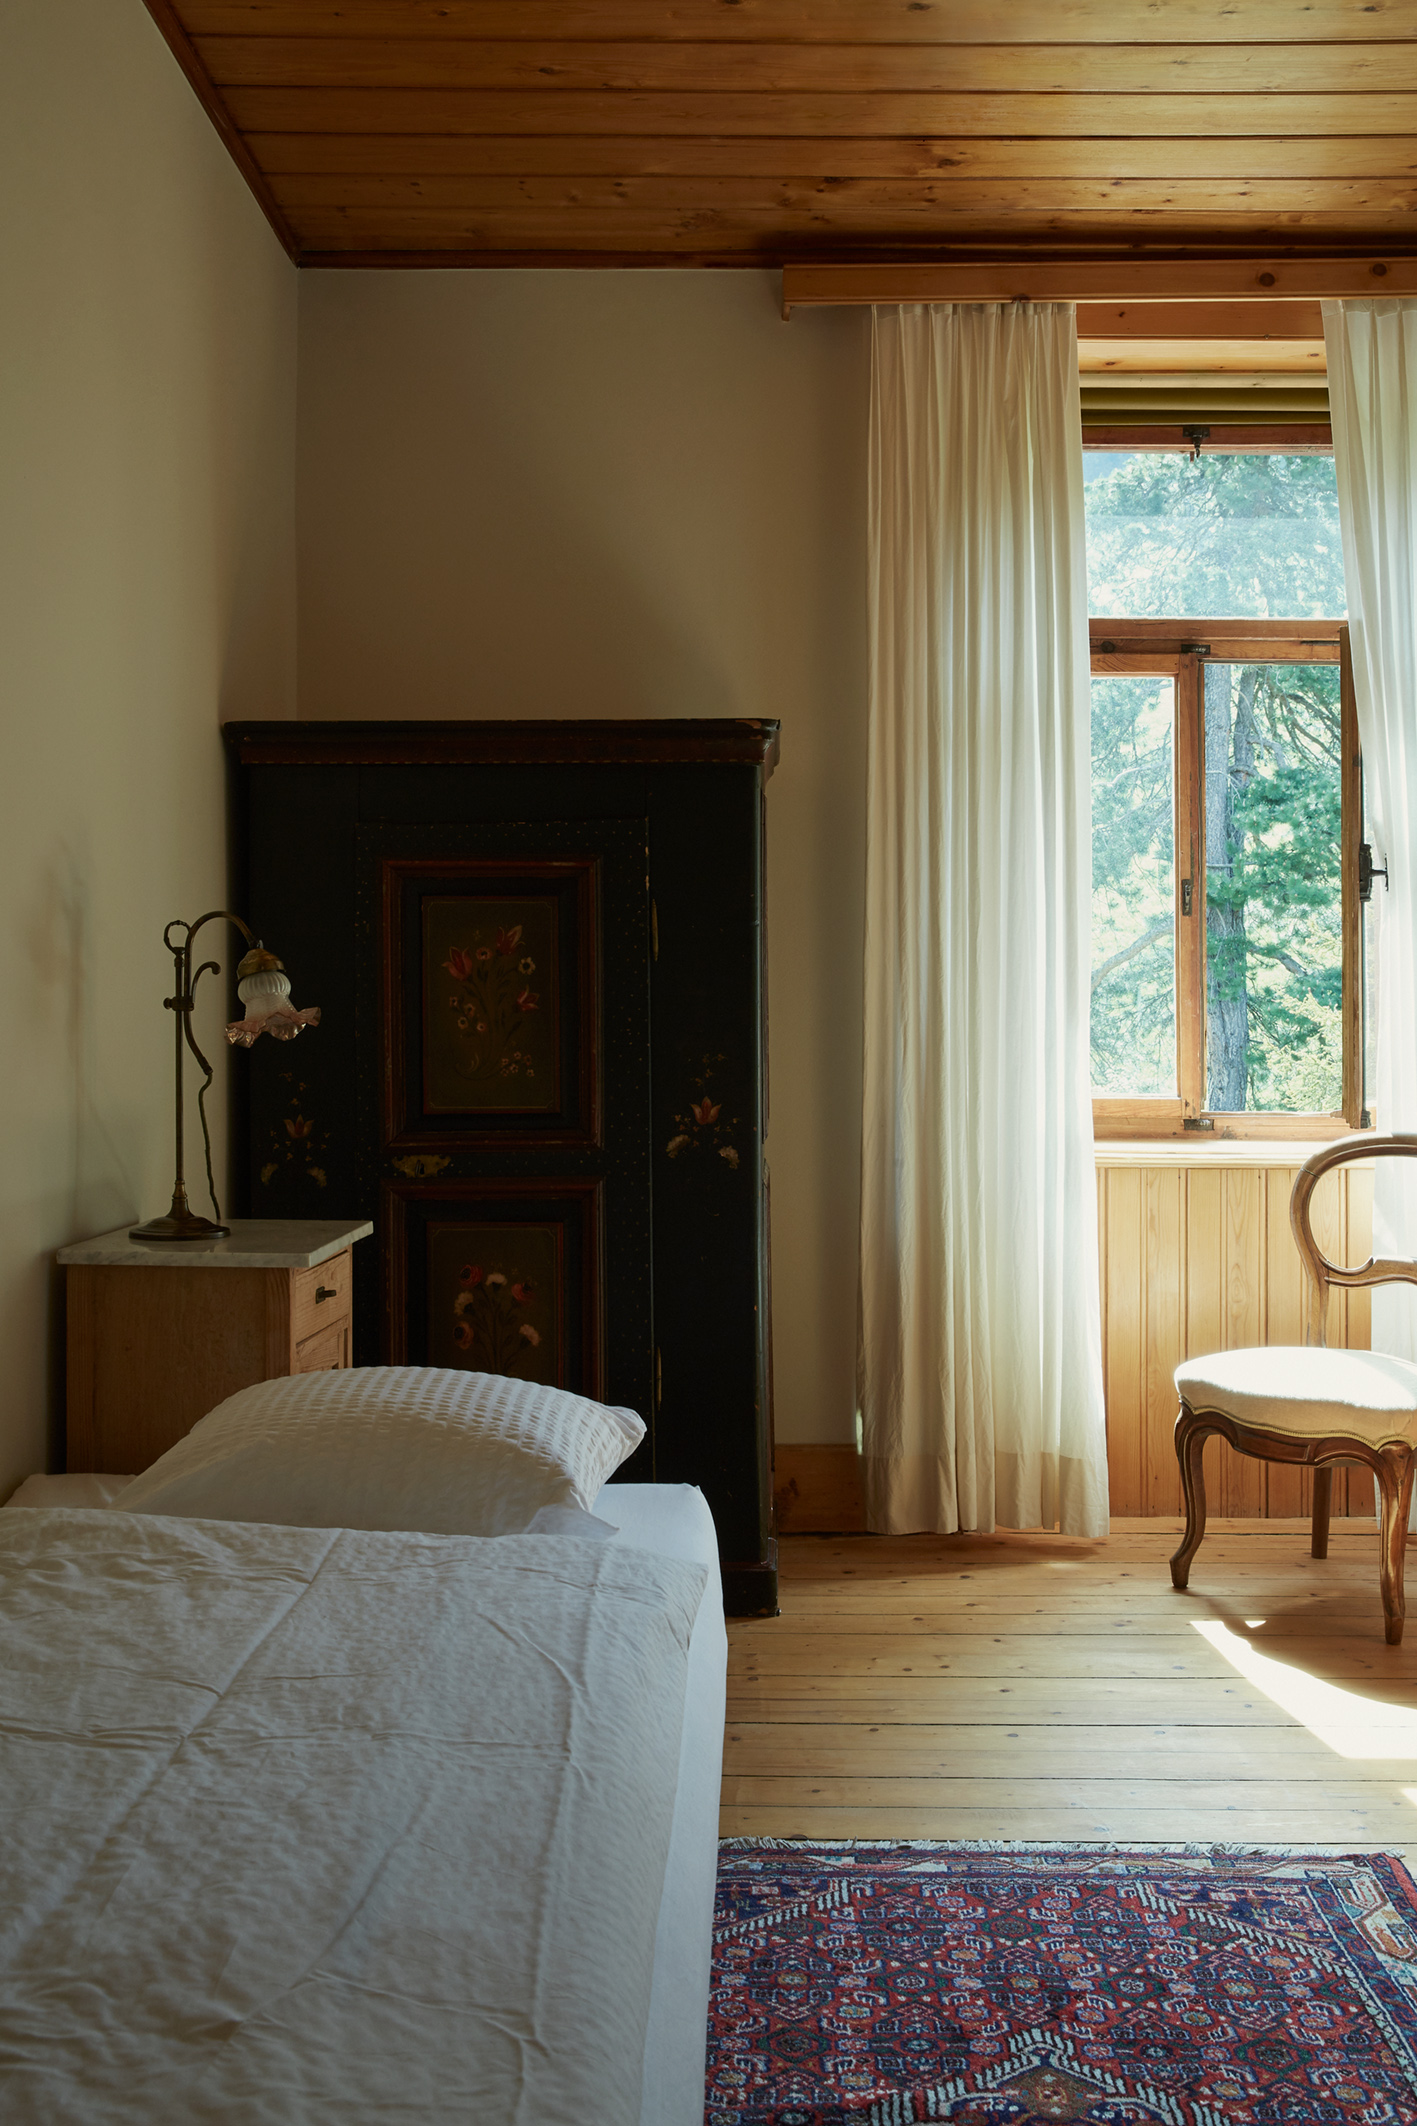 Stillvolles Einzelzimmer mit Blick ins Grüne